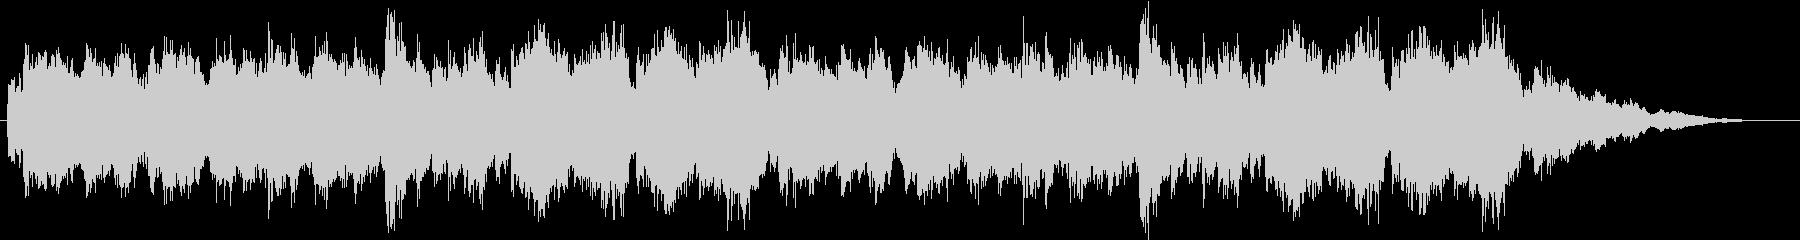 休憩部屋(リラックス)【オーケストラ】の未再生の波形